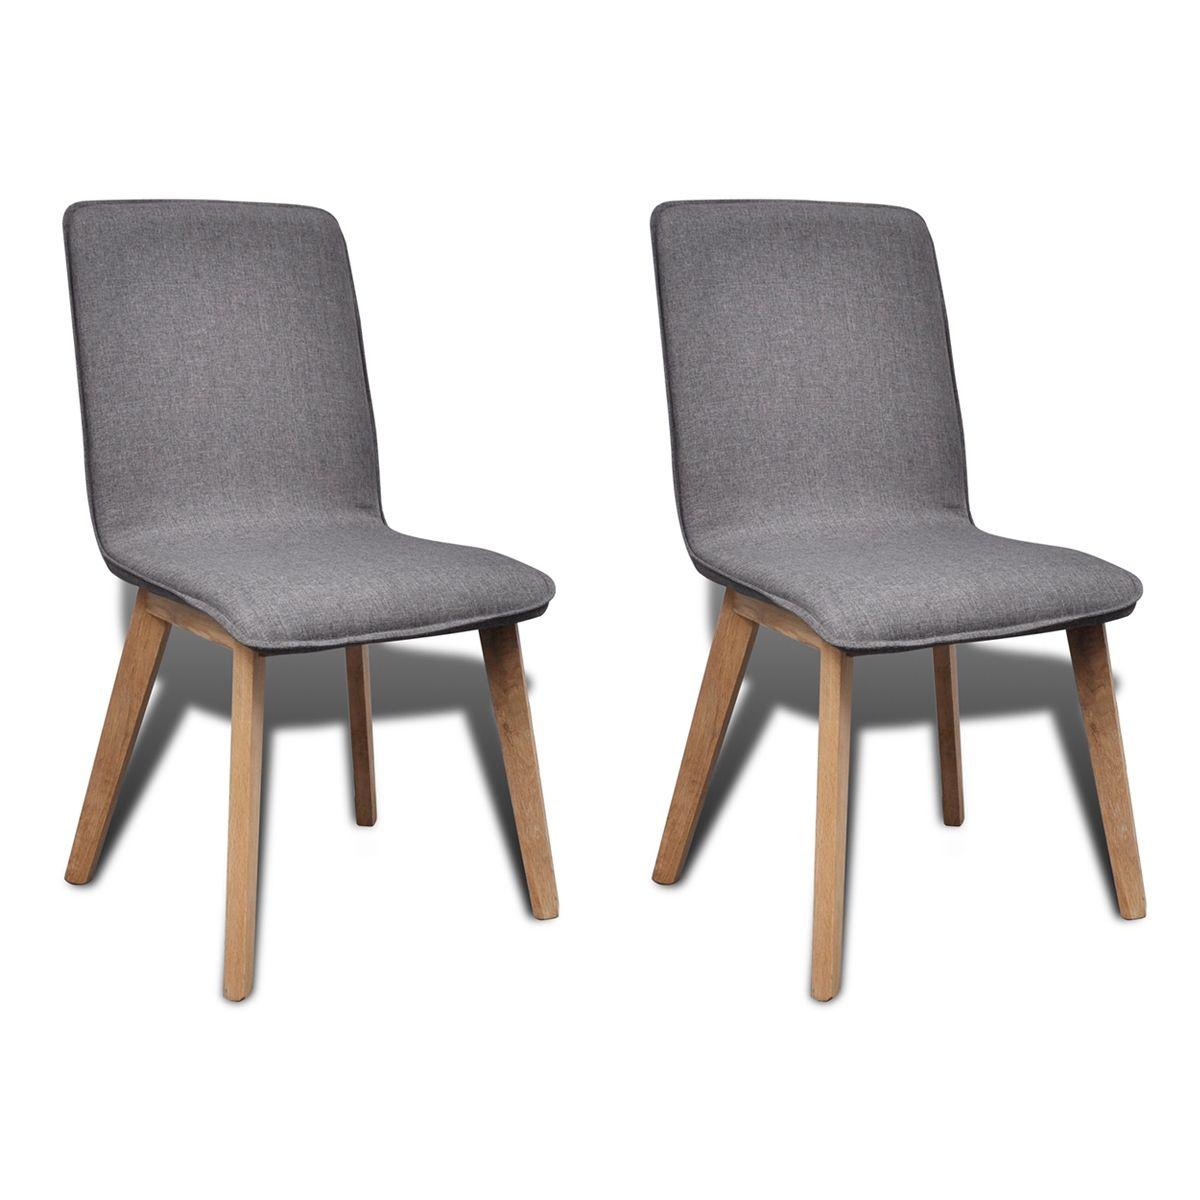 2/4/6x Stühle Stuhl Stuhlgruppe Hochlehner Esszimmerstühle Esszimmerstuhl  Eiche